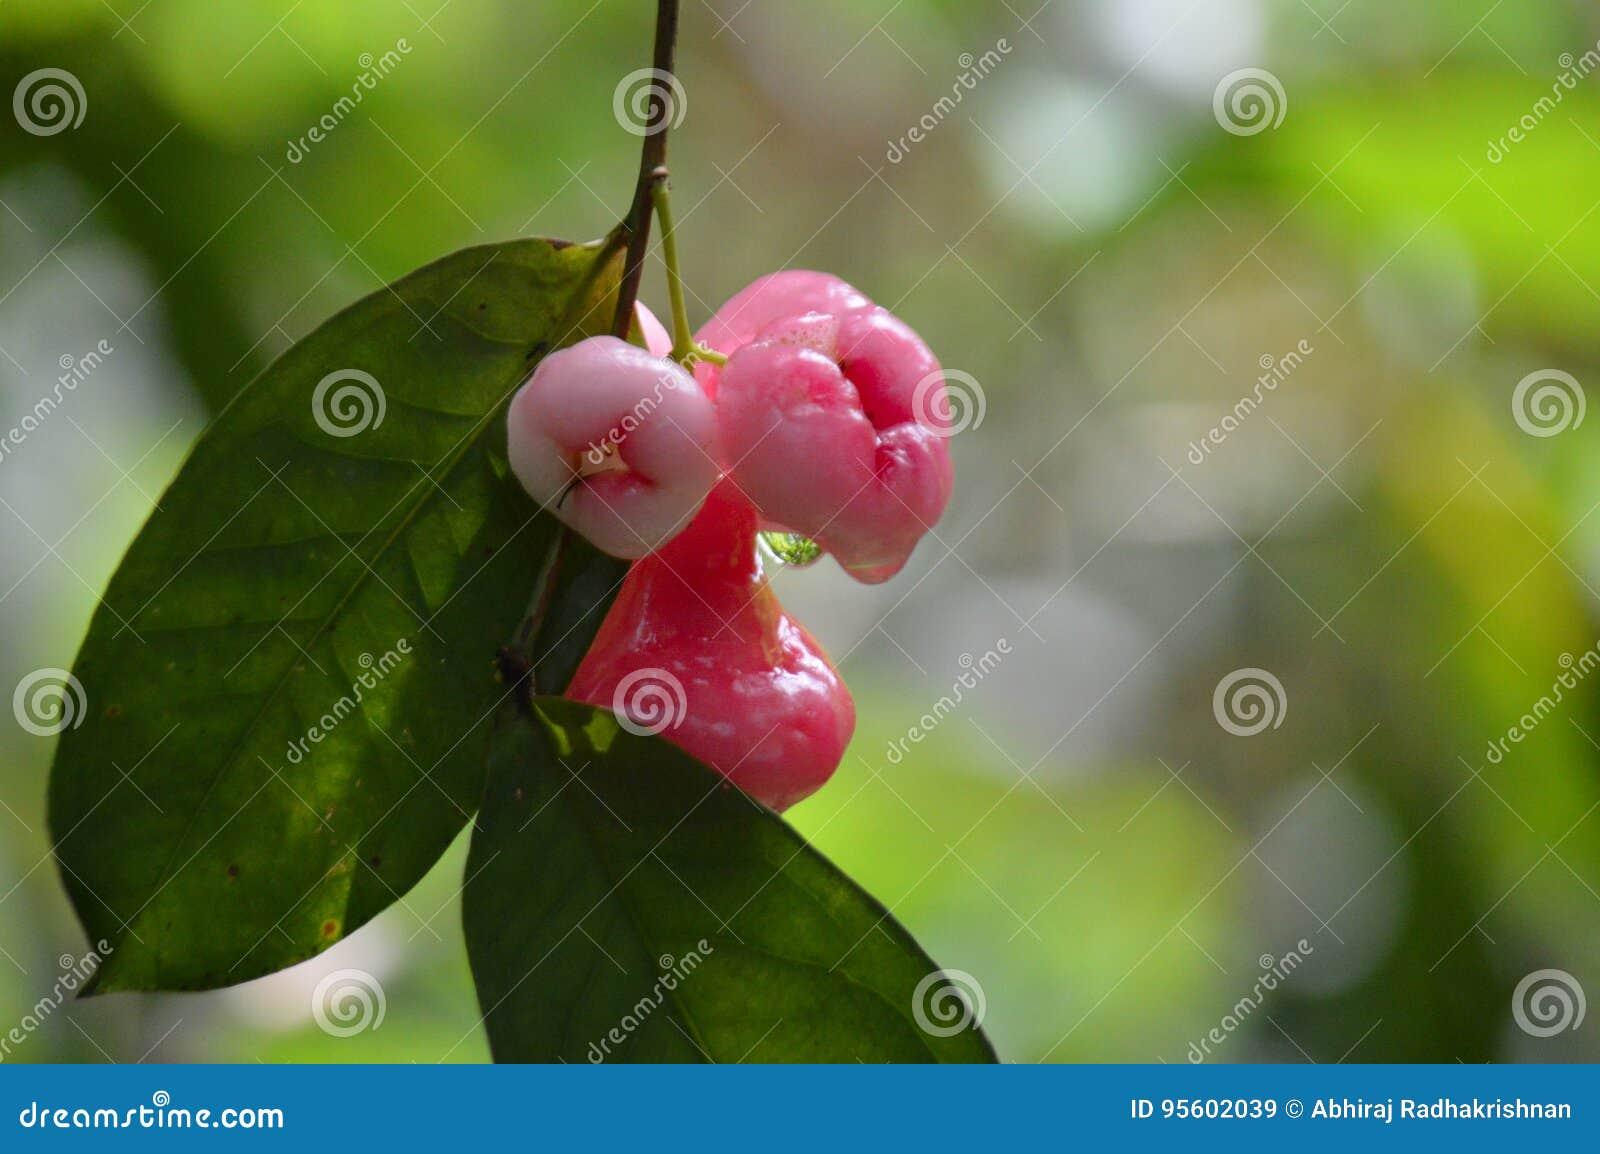 De appel van Java, de djamboevrucht van Semarang of Syzygie samarangense